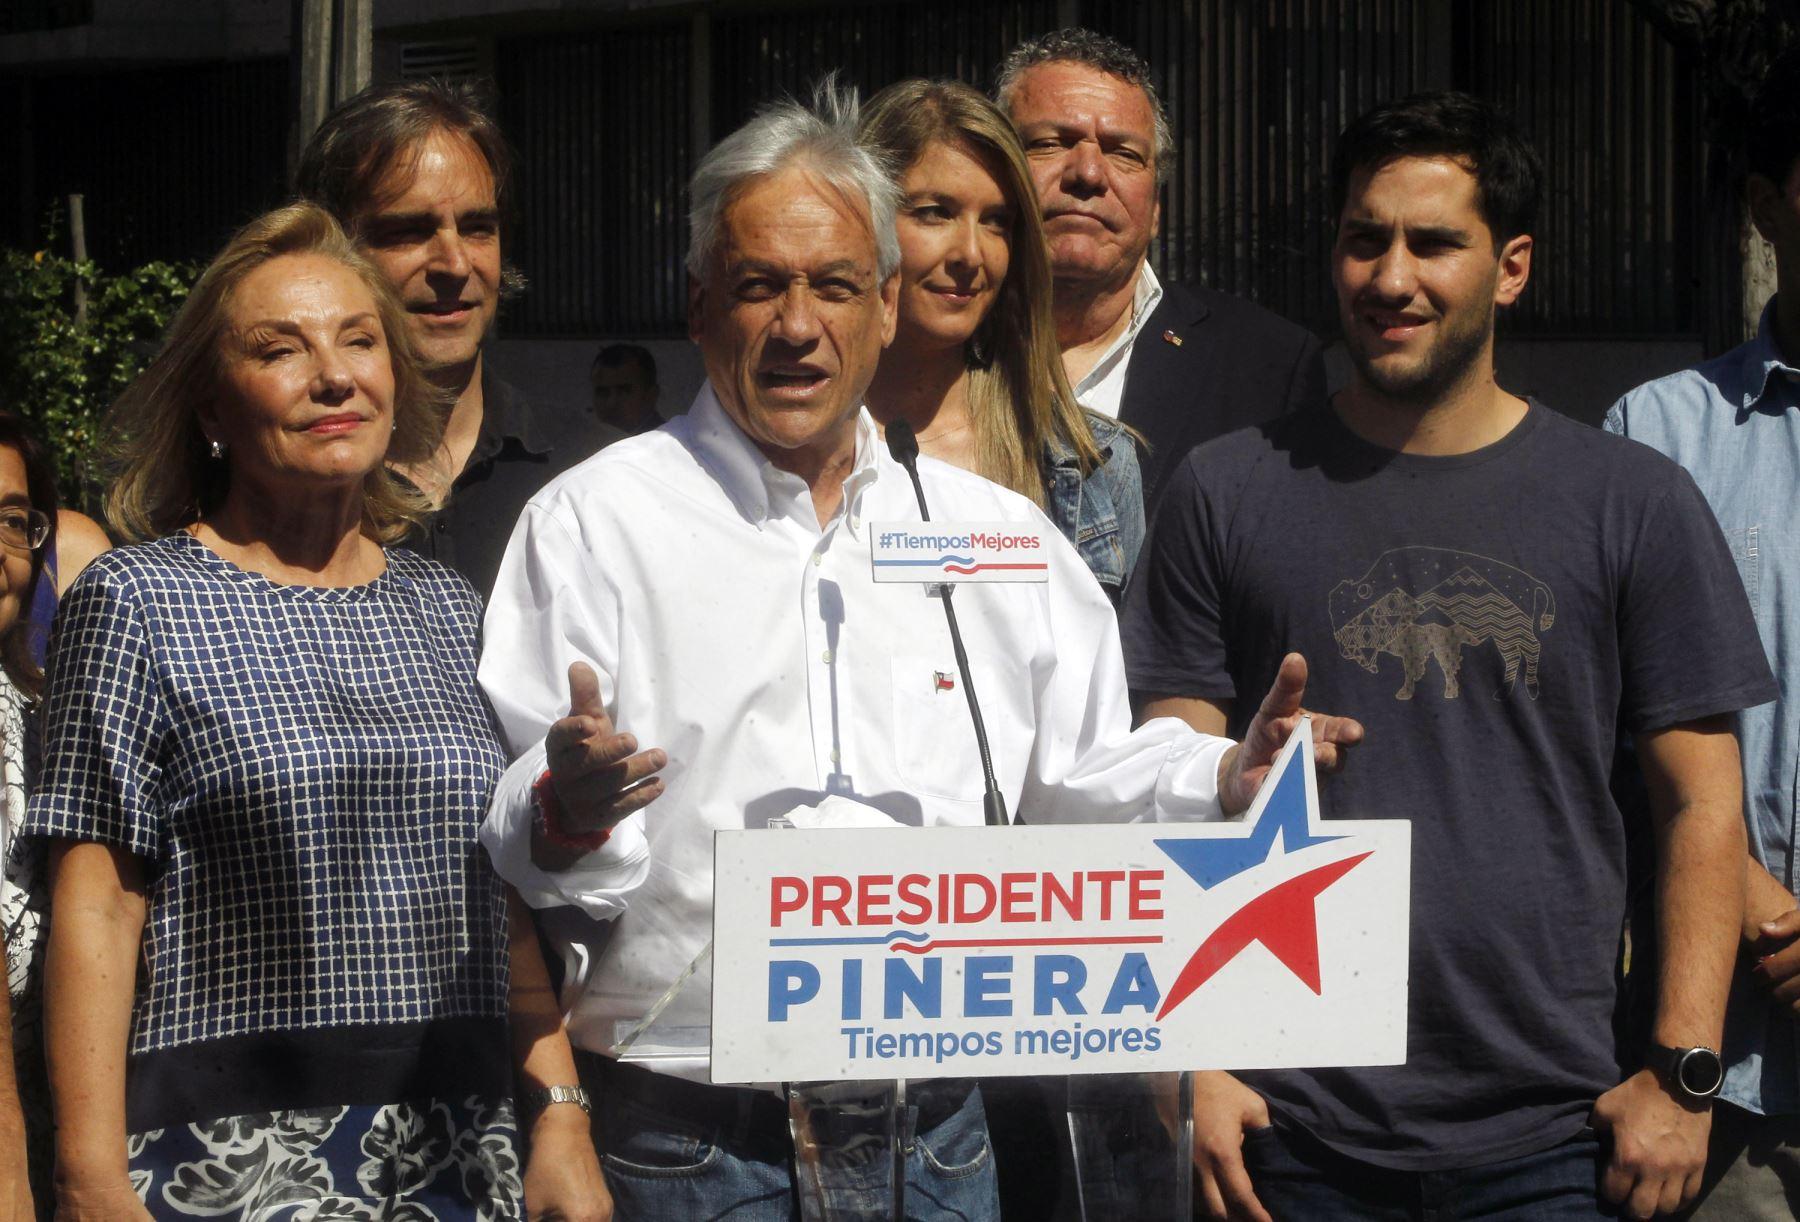 El candidato presidencial chileno Sebastián Piñera en conferencia de  prensa durante las elecciones nacionales. Foto:AFP